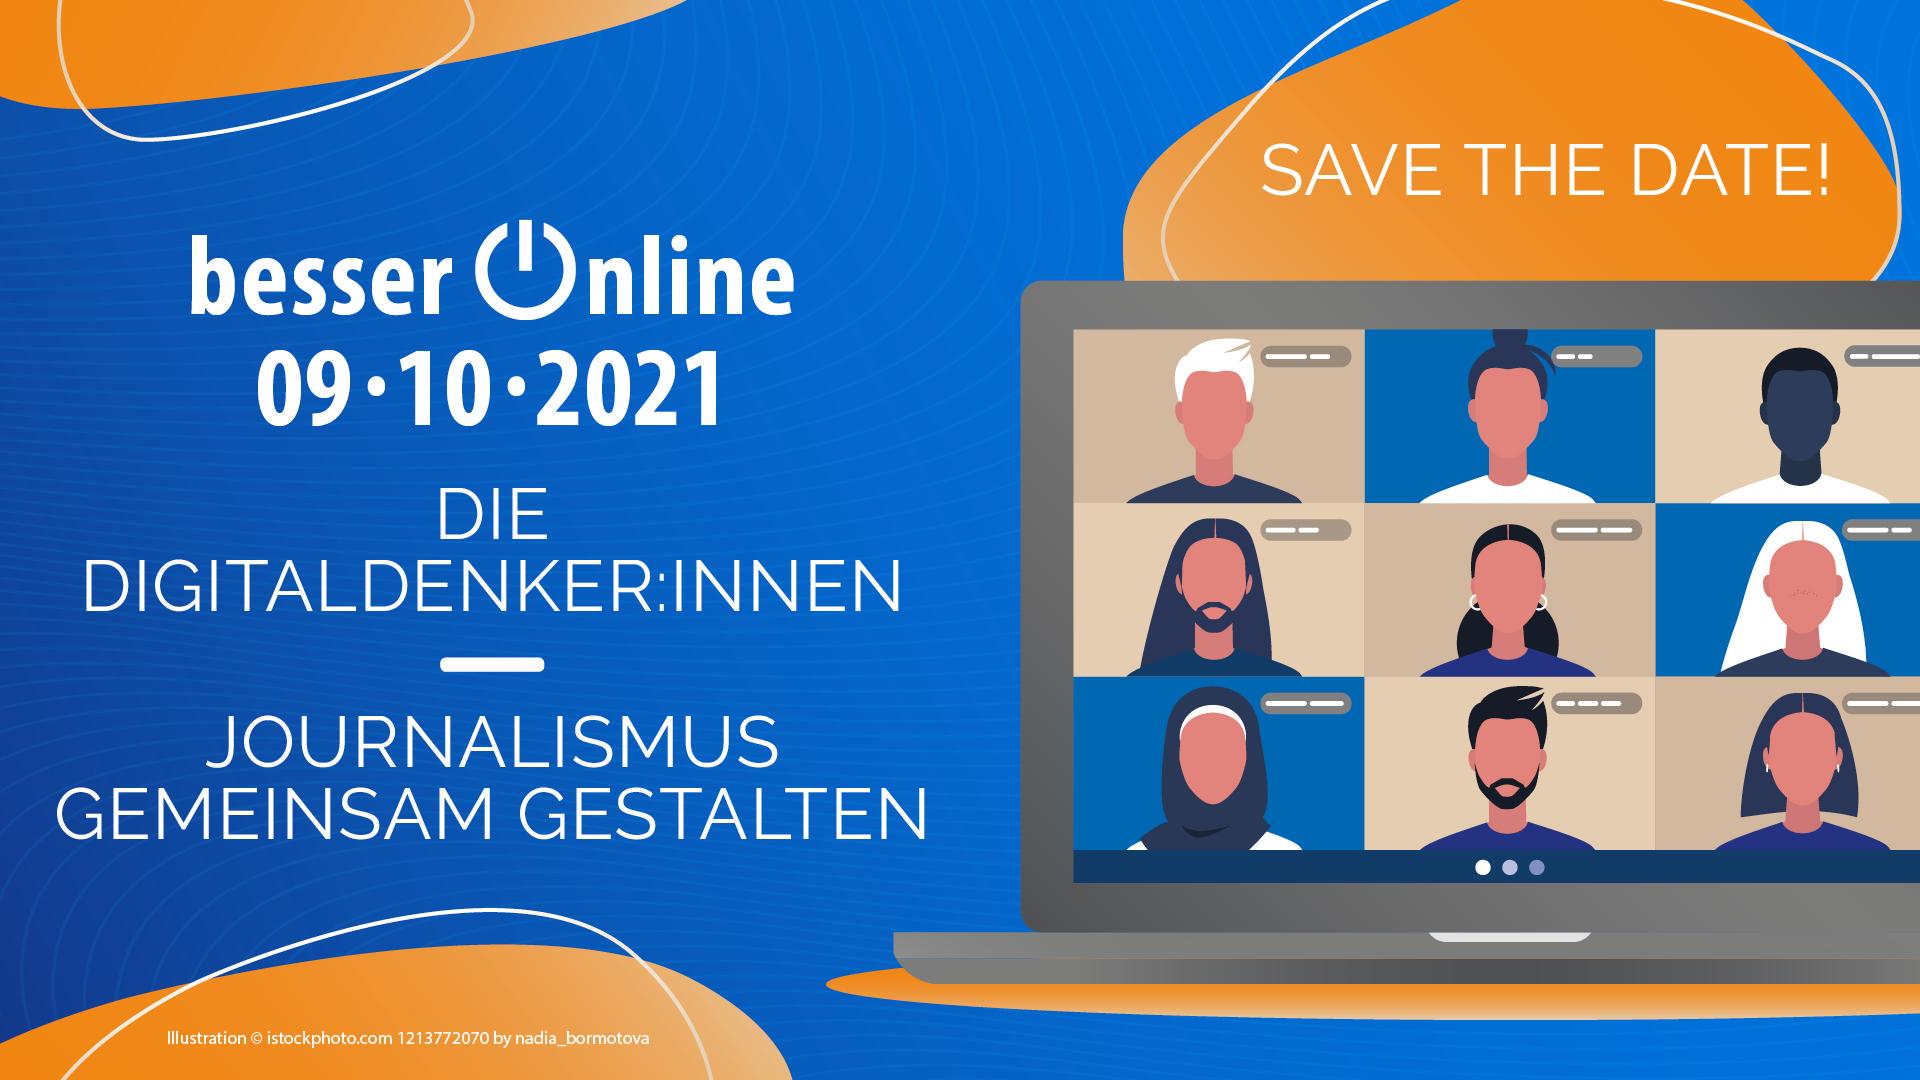 Startseite von Besser-Online 2021: Slogan des Digitalkongresses des Deutschen Journalistenverbandes lautet: Die Digitaldenker:innen